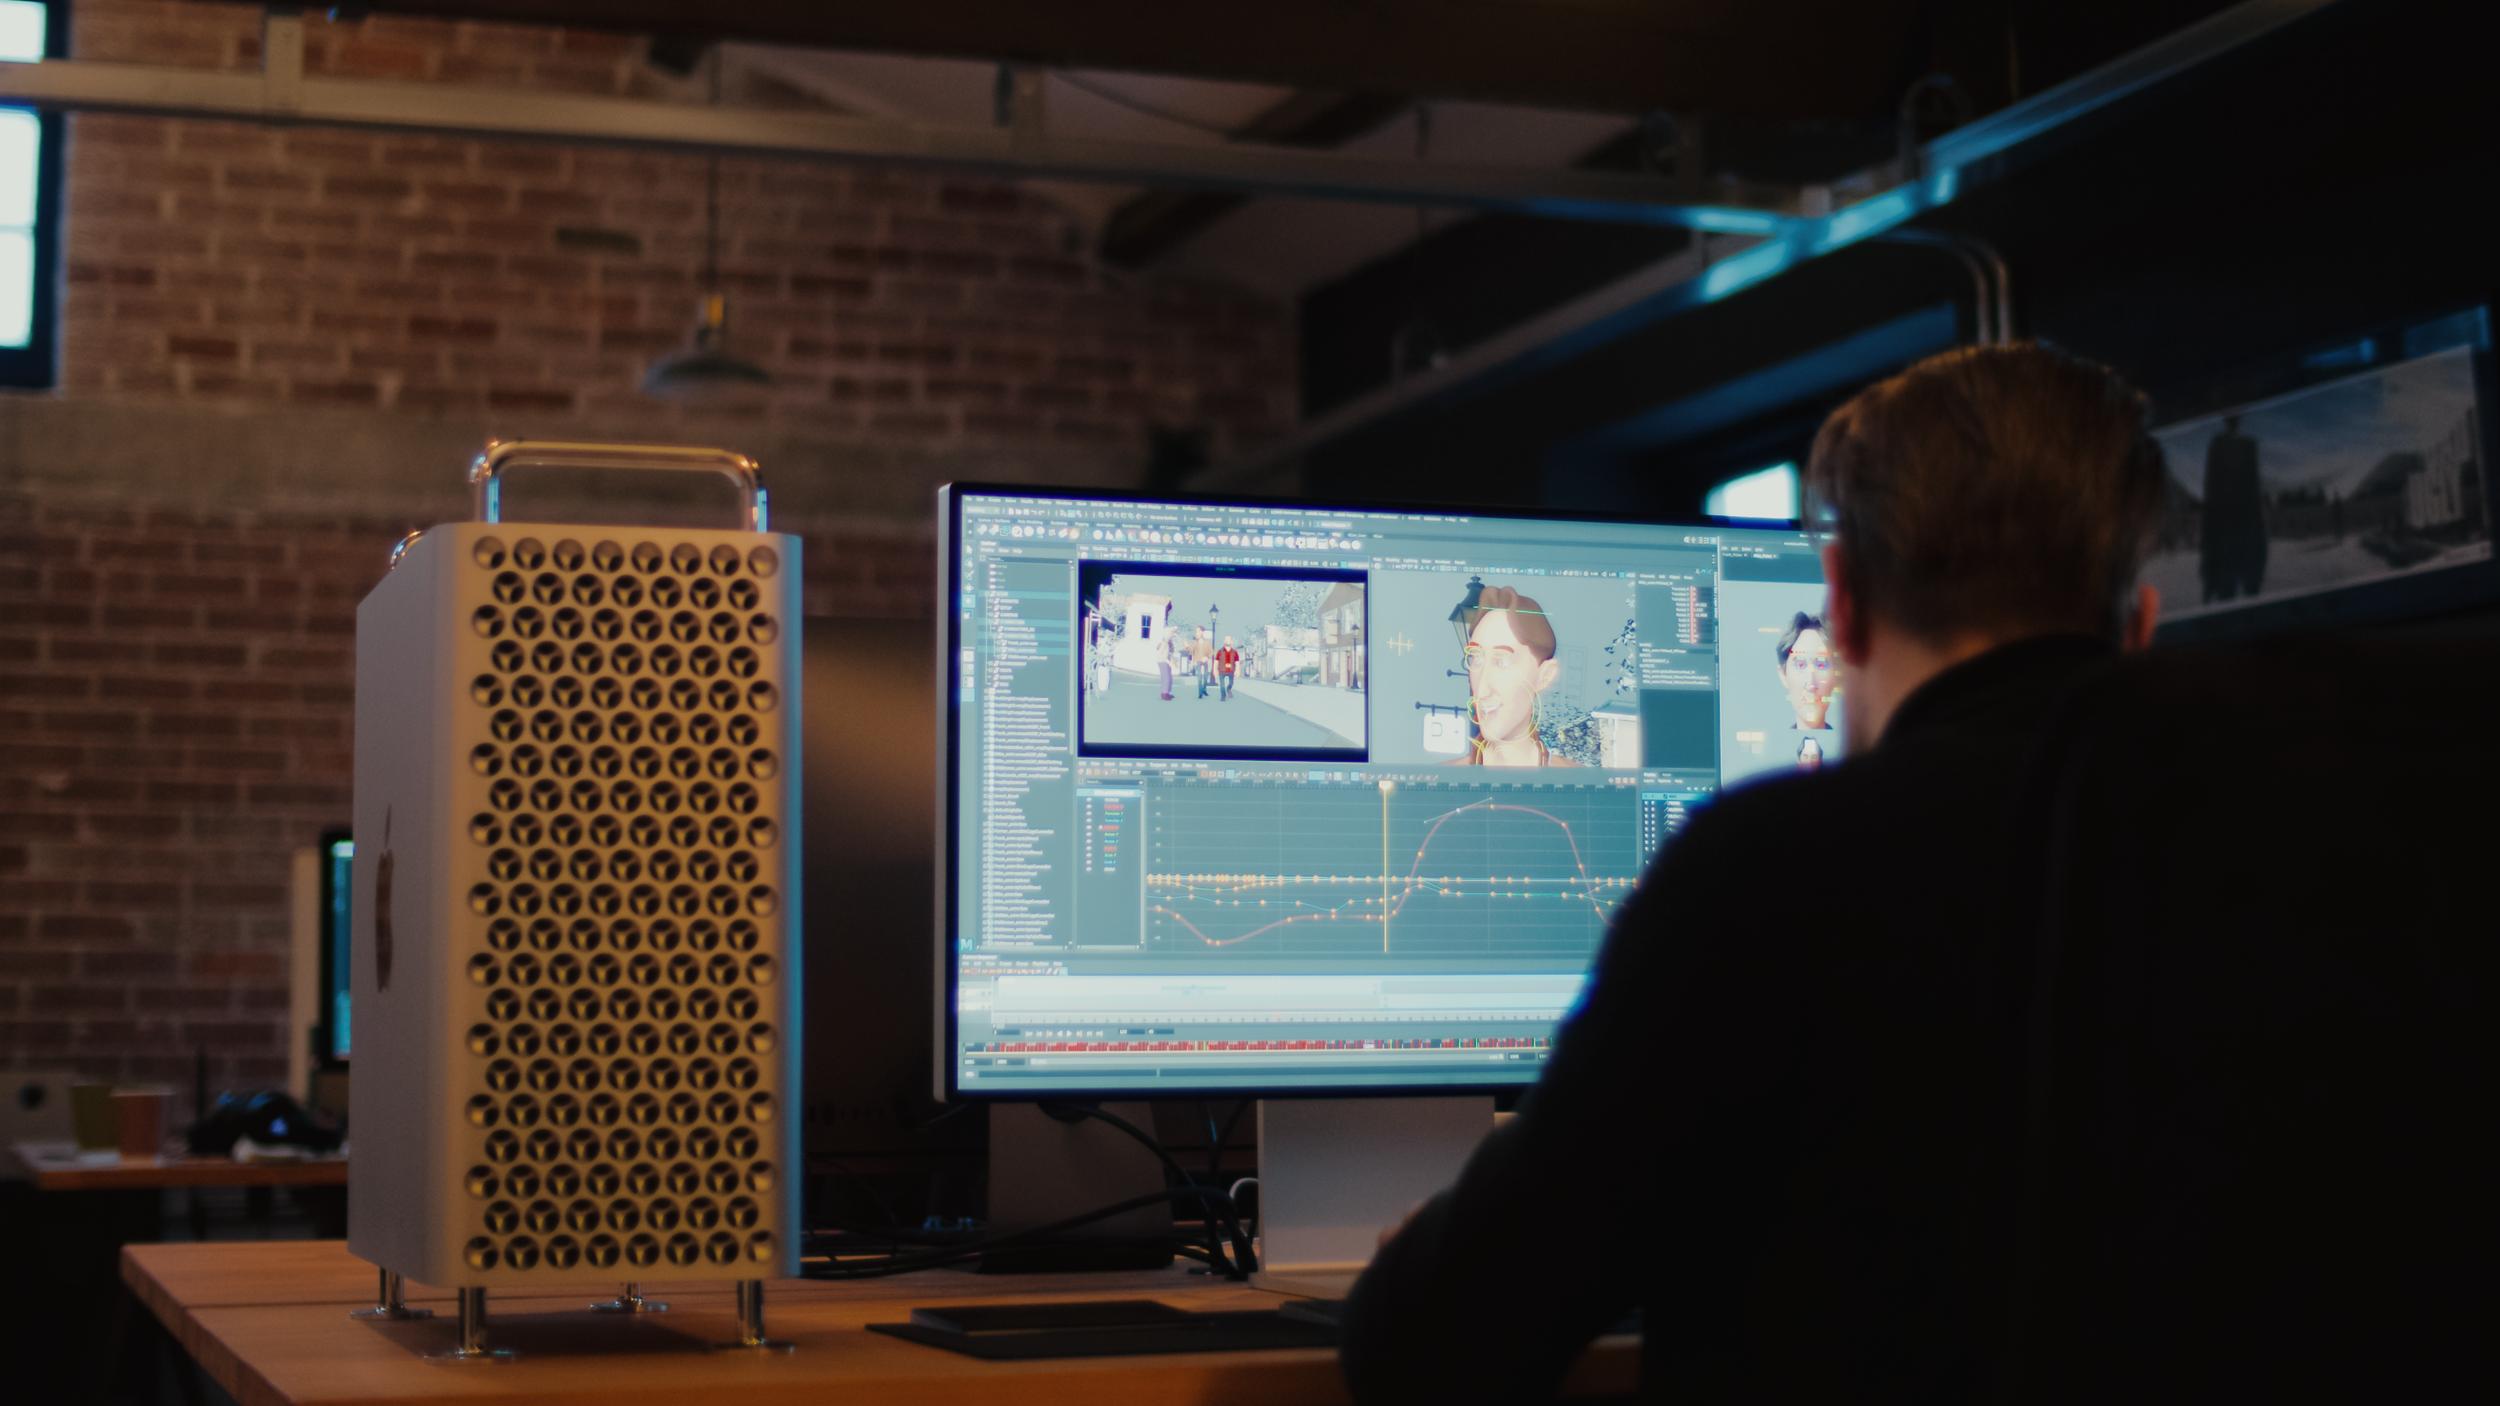 Az új Mac Pro is segített az új Jumanji film létrejöttében